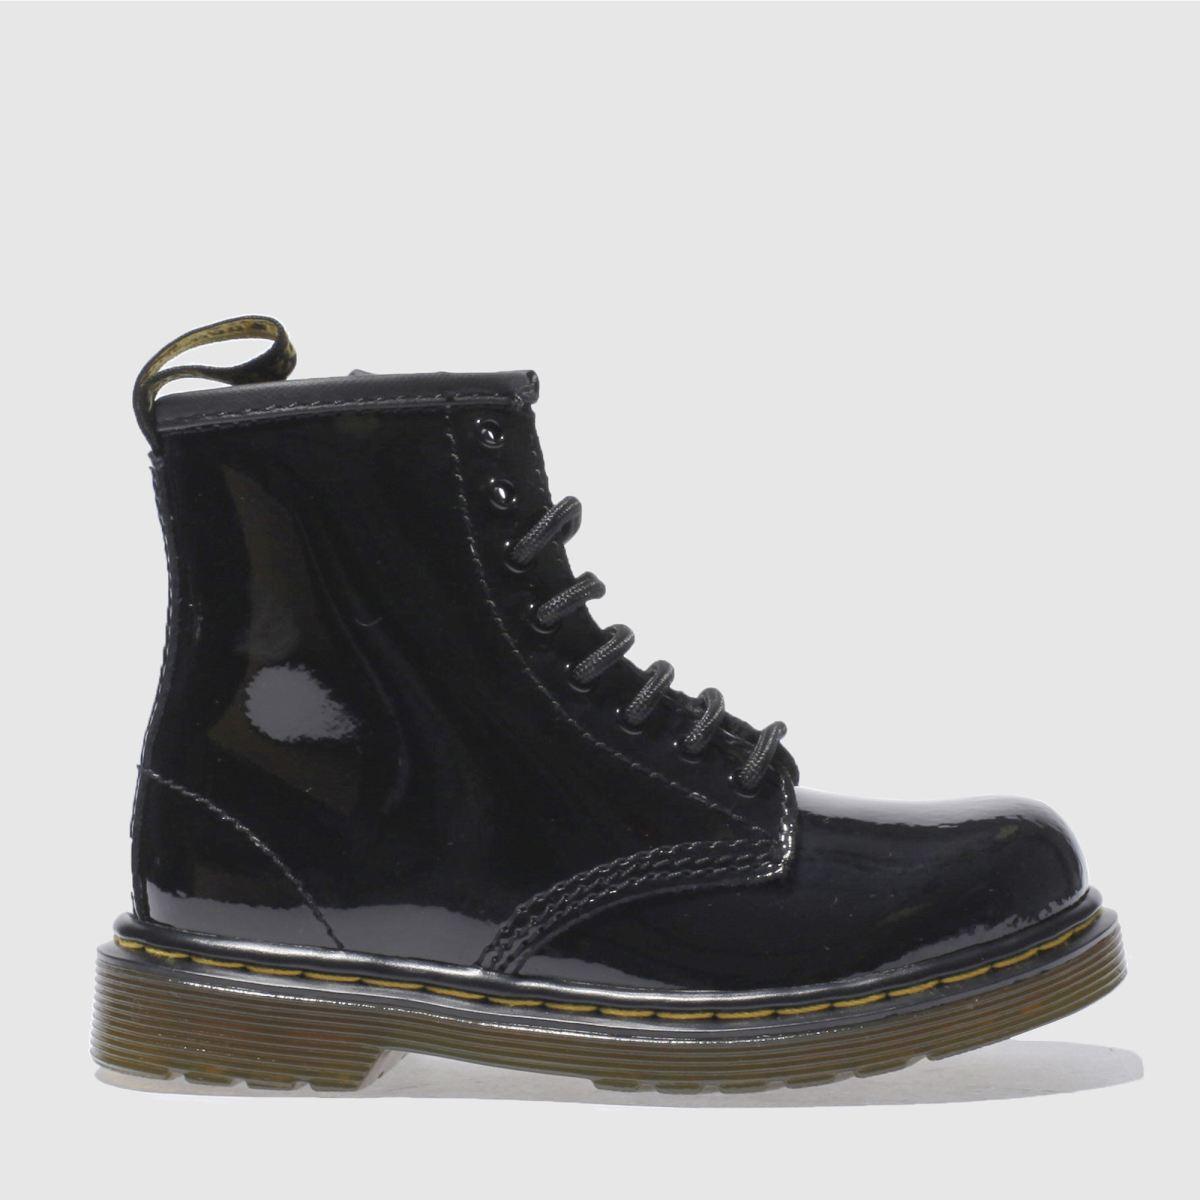 Dr Martens Black 1460 Girls Toddler Boots